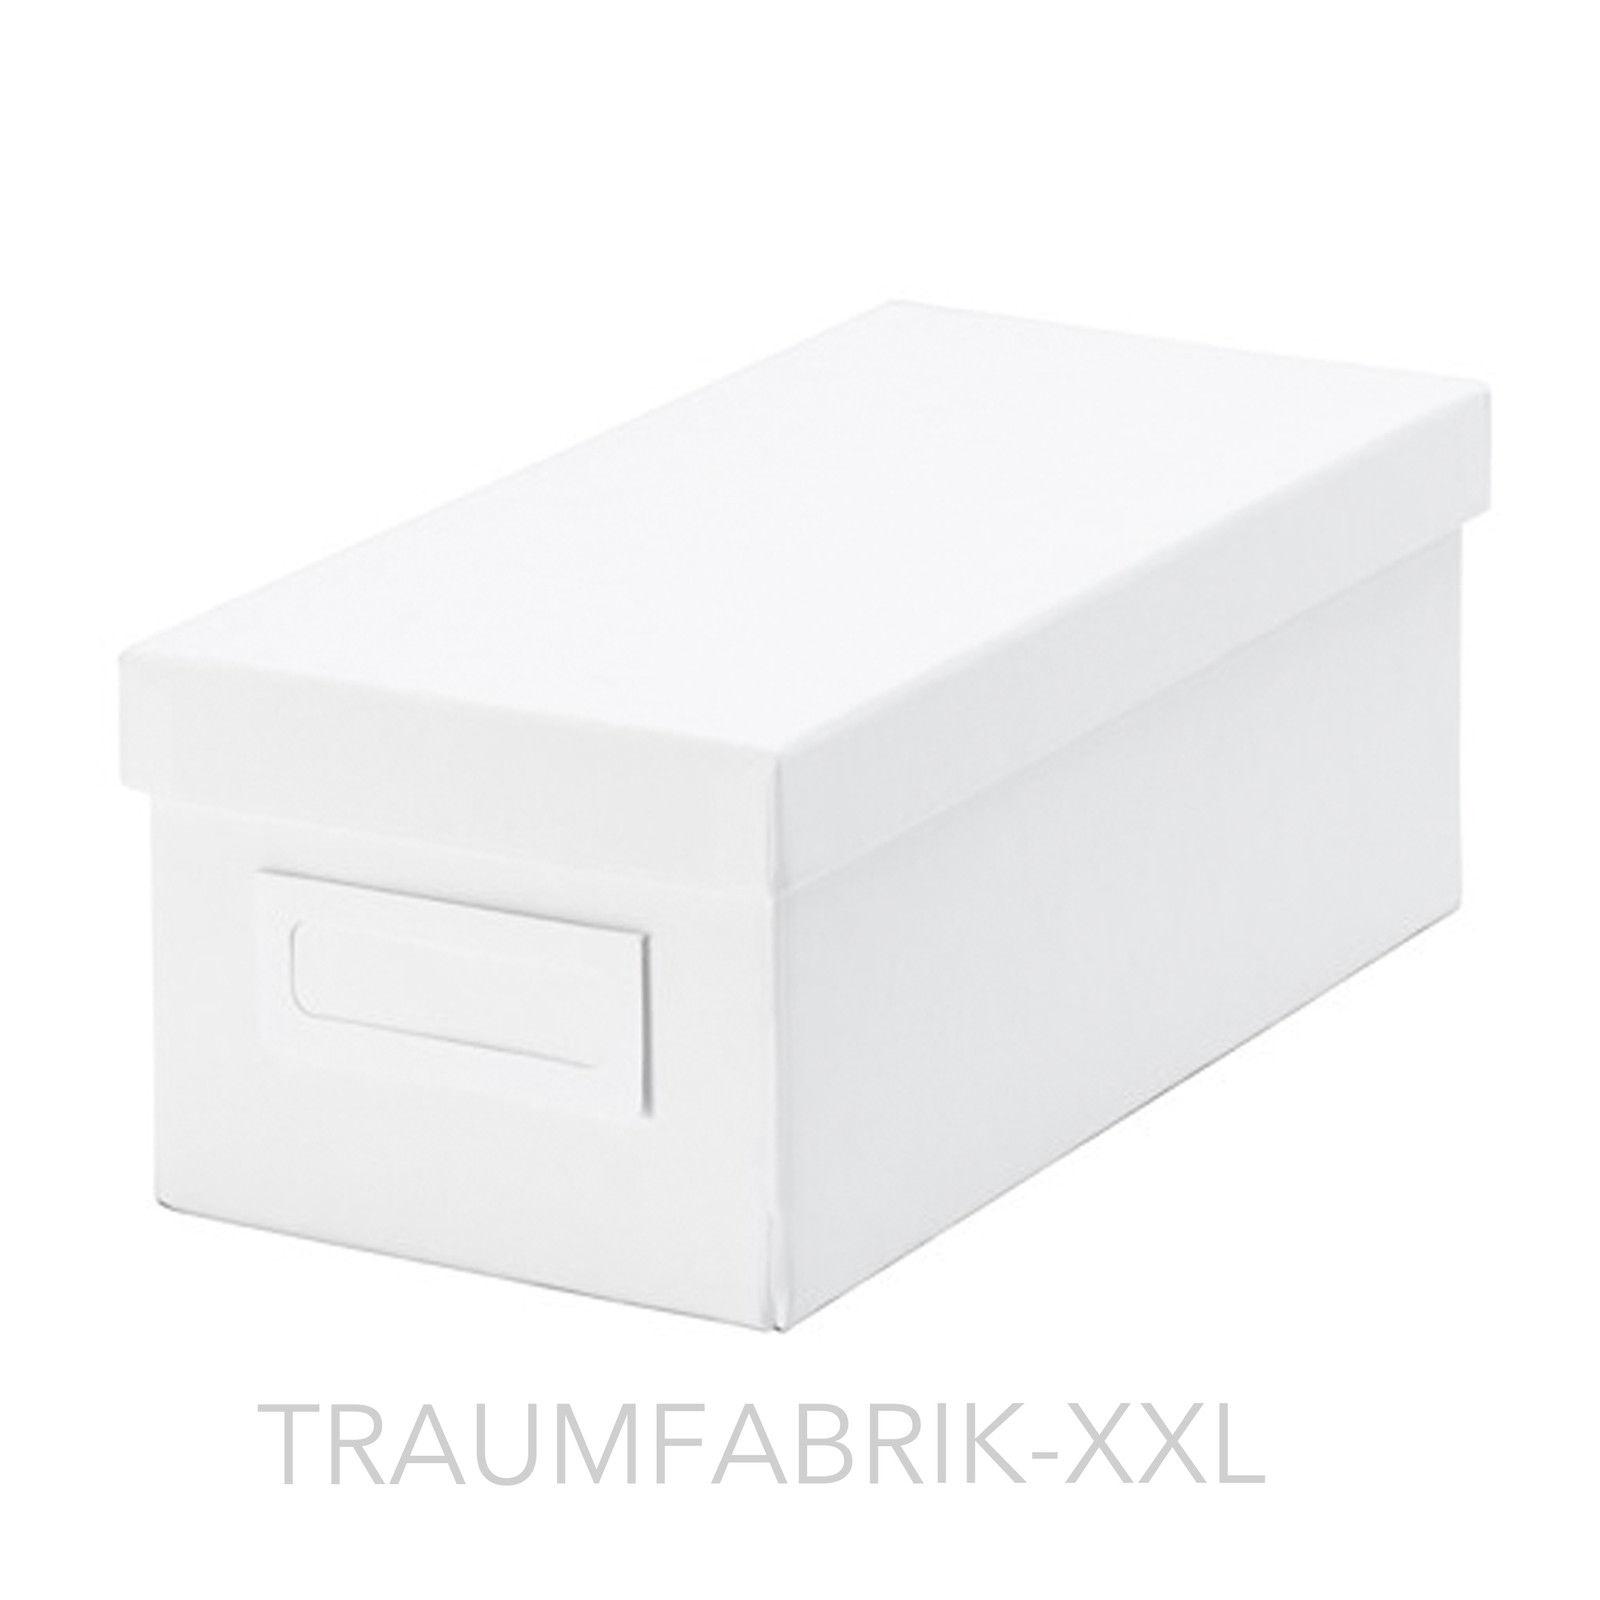 ikea plastikbox mit deckel glis box mit deckel wei hellgr n blau ikea m bel einrichtung mehr. Black Bedroom Furniture Sets. Home Design Ideas